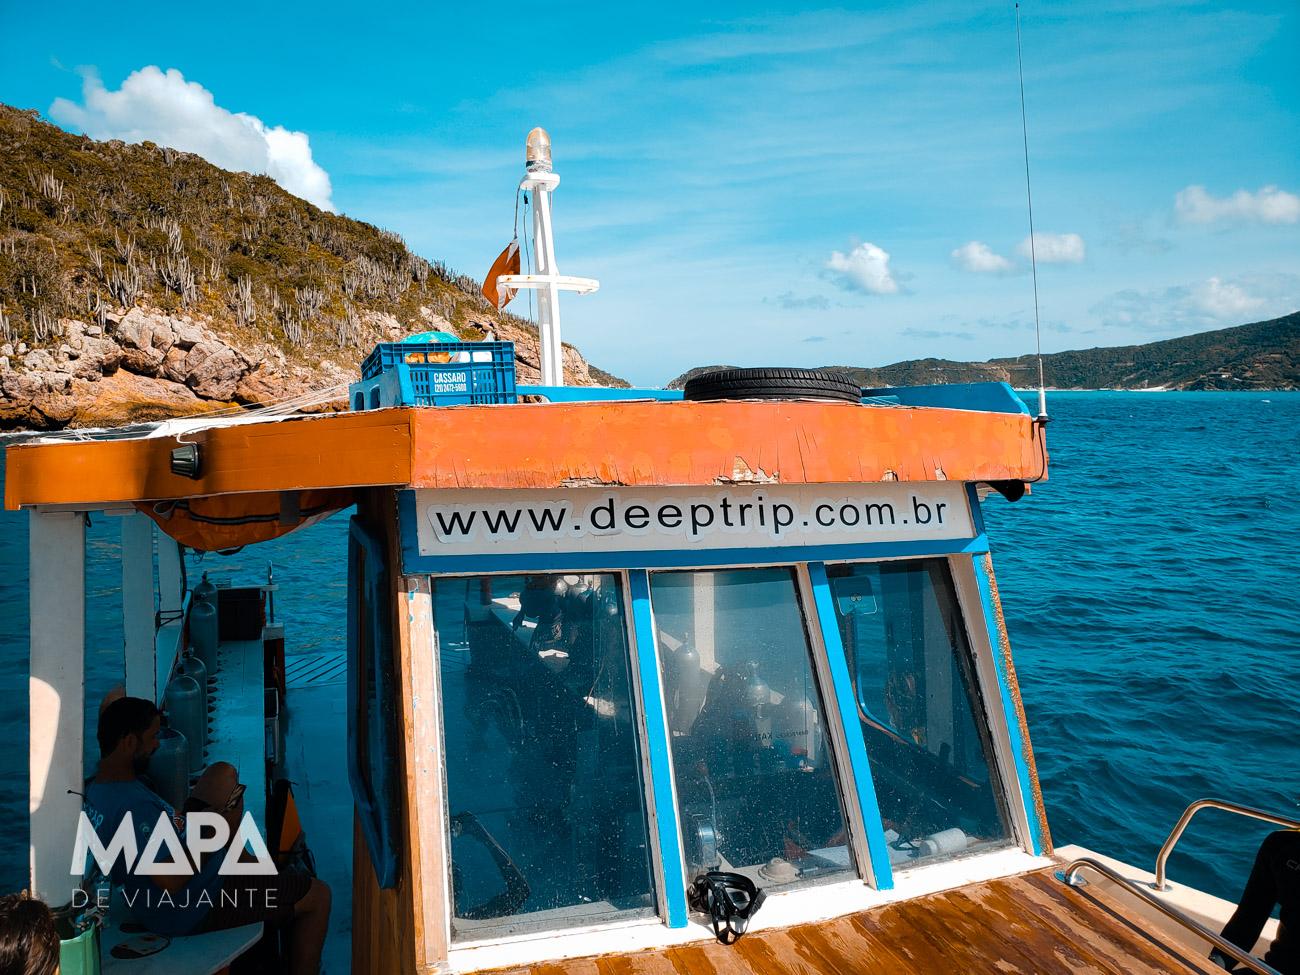 Barco da Deep Trip Mergulho